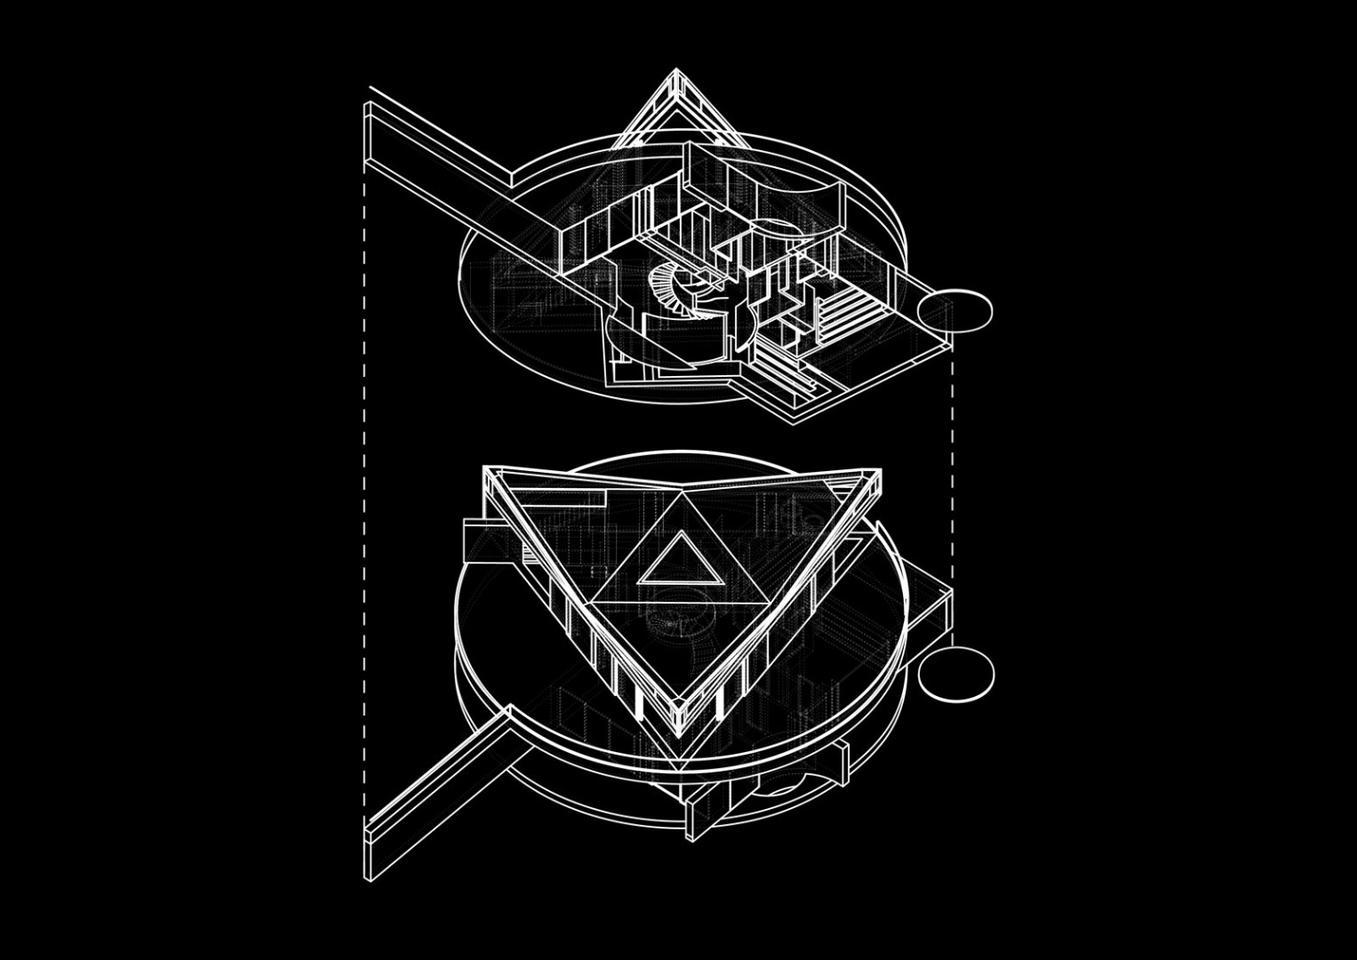 An axiomatic diagram of the Devon House